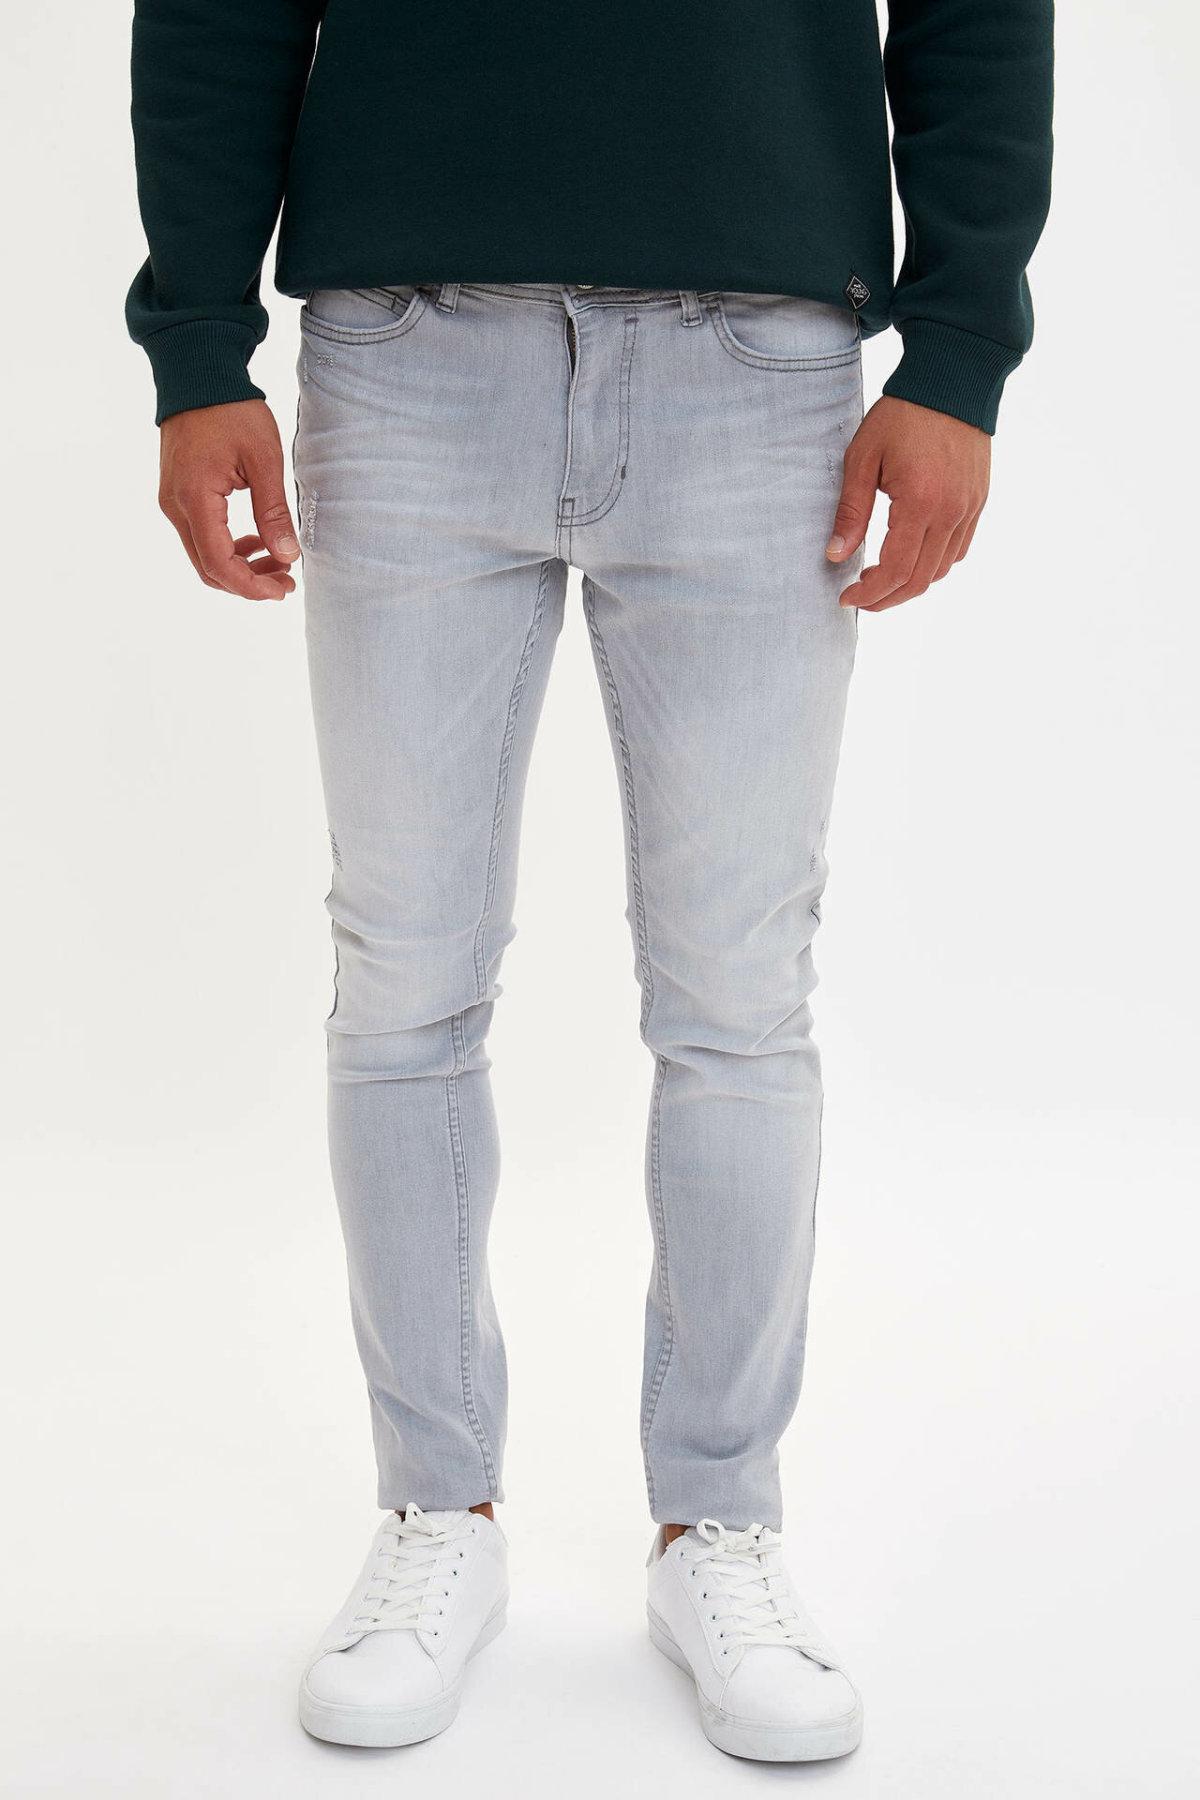 DeFacto Fashion Men's Wash Light Blue Stretch Jeans Men Elastic Cotton Denim Pants Loose Trousers New Menswear New -L3989AZ19AU